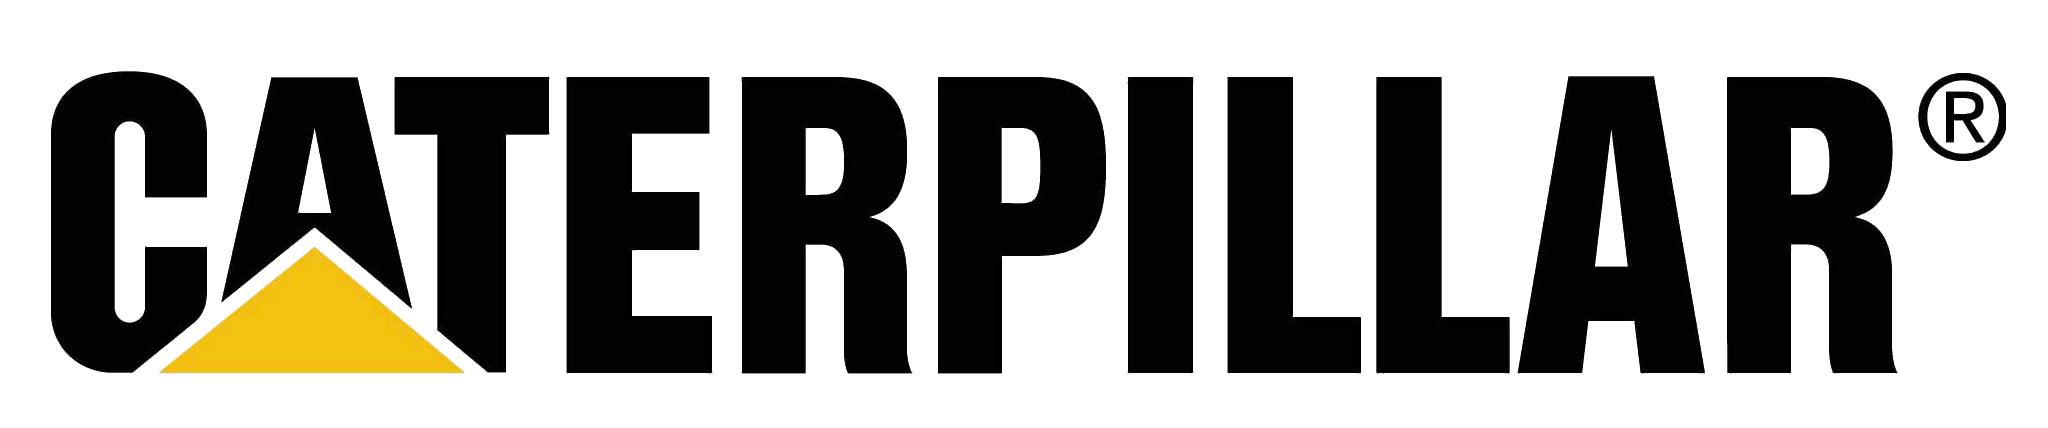 Caterpillar-logo.png